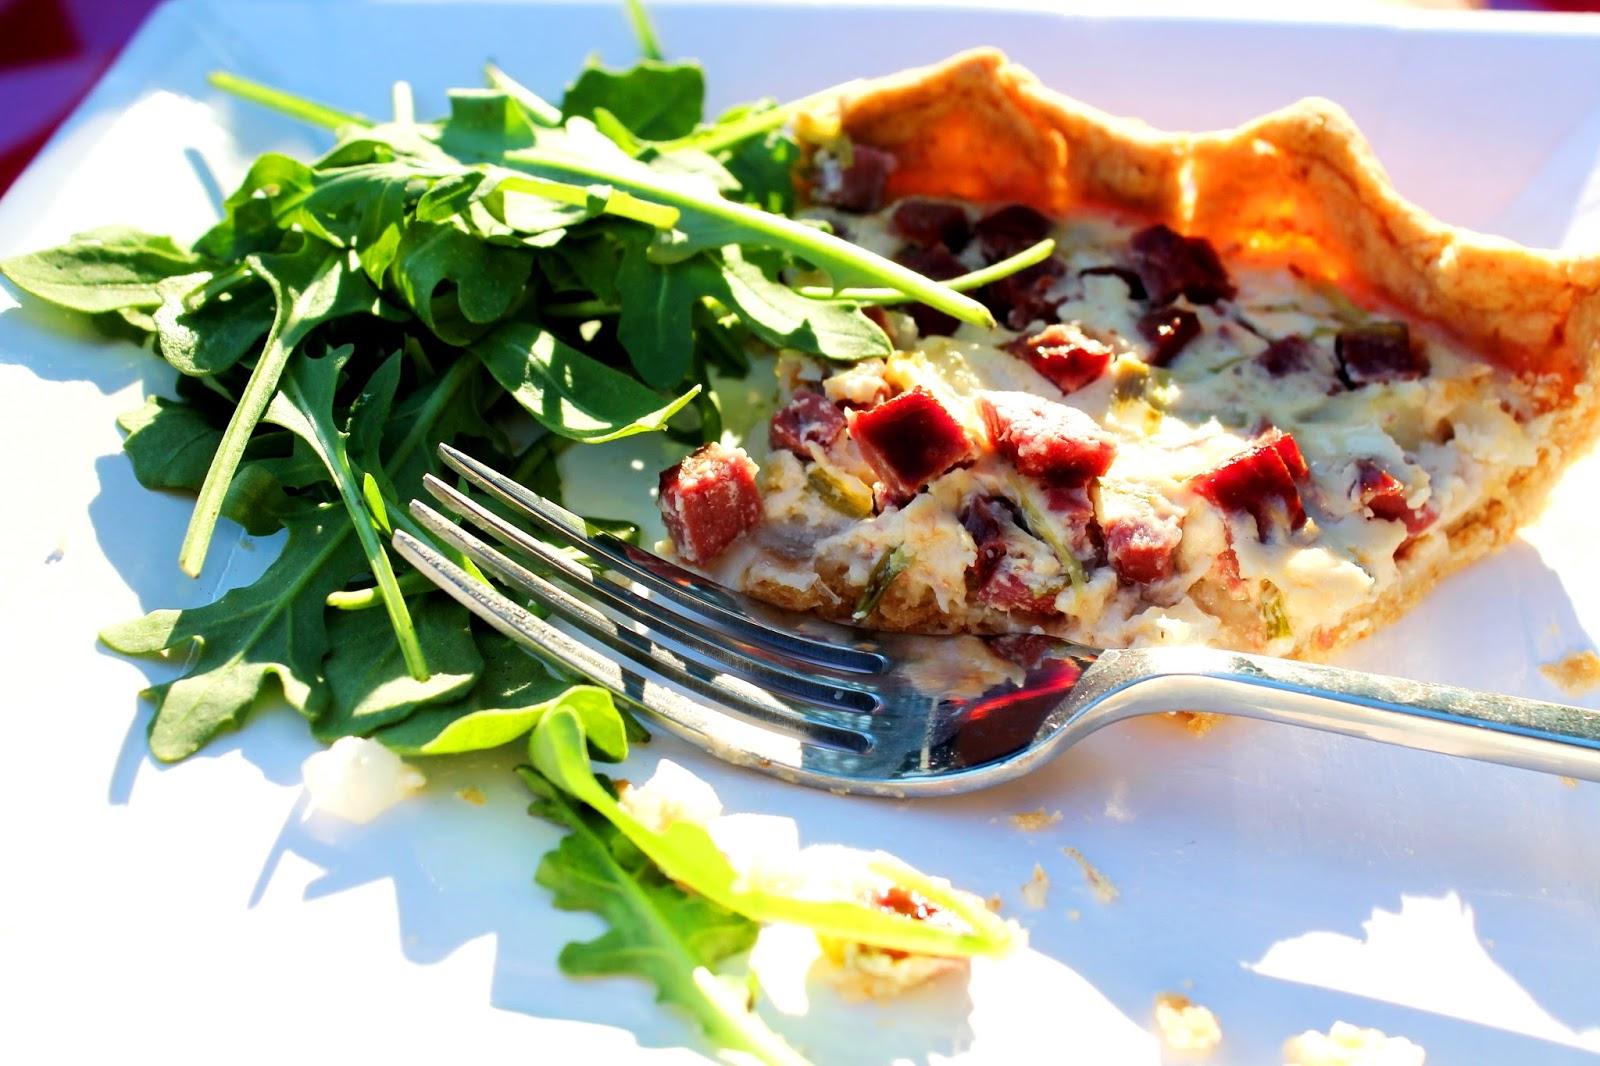 #pie #mieatpie #salted #food #dinner #dessert #starter #nordic #finnish #nordiccuisine #swedish #kitchen